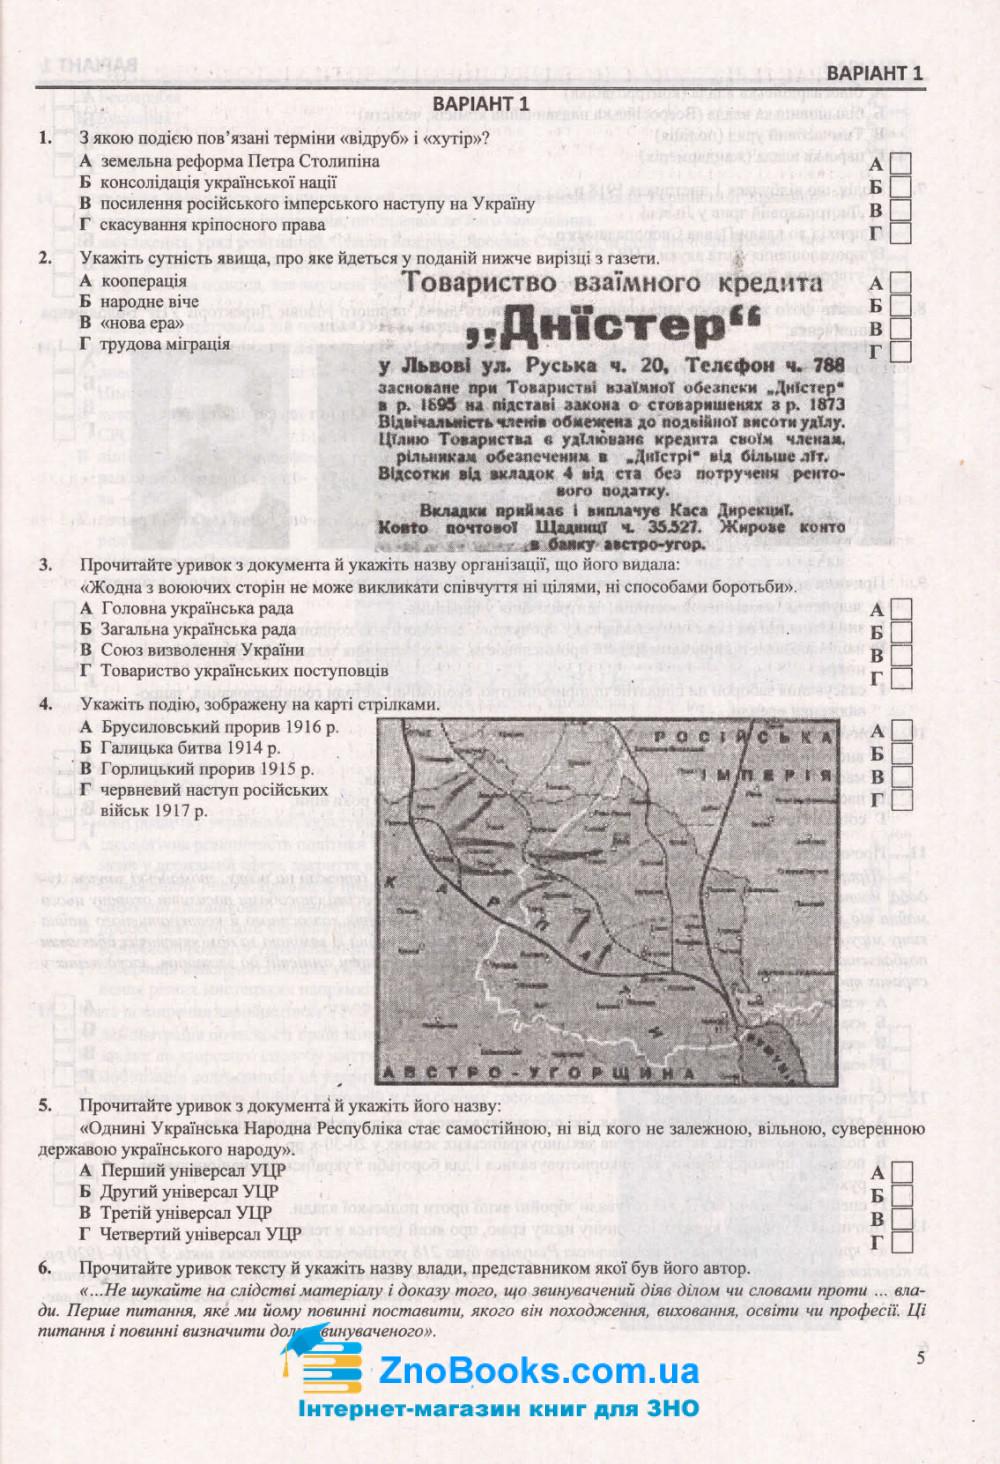 ЗНО 2022 Історія України. Тренажер : Панчук І. Підручники і посібники. купити  5